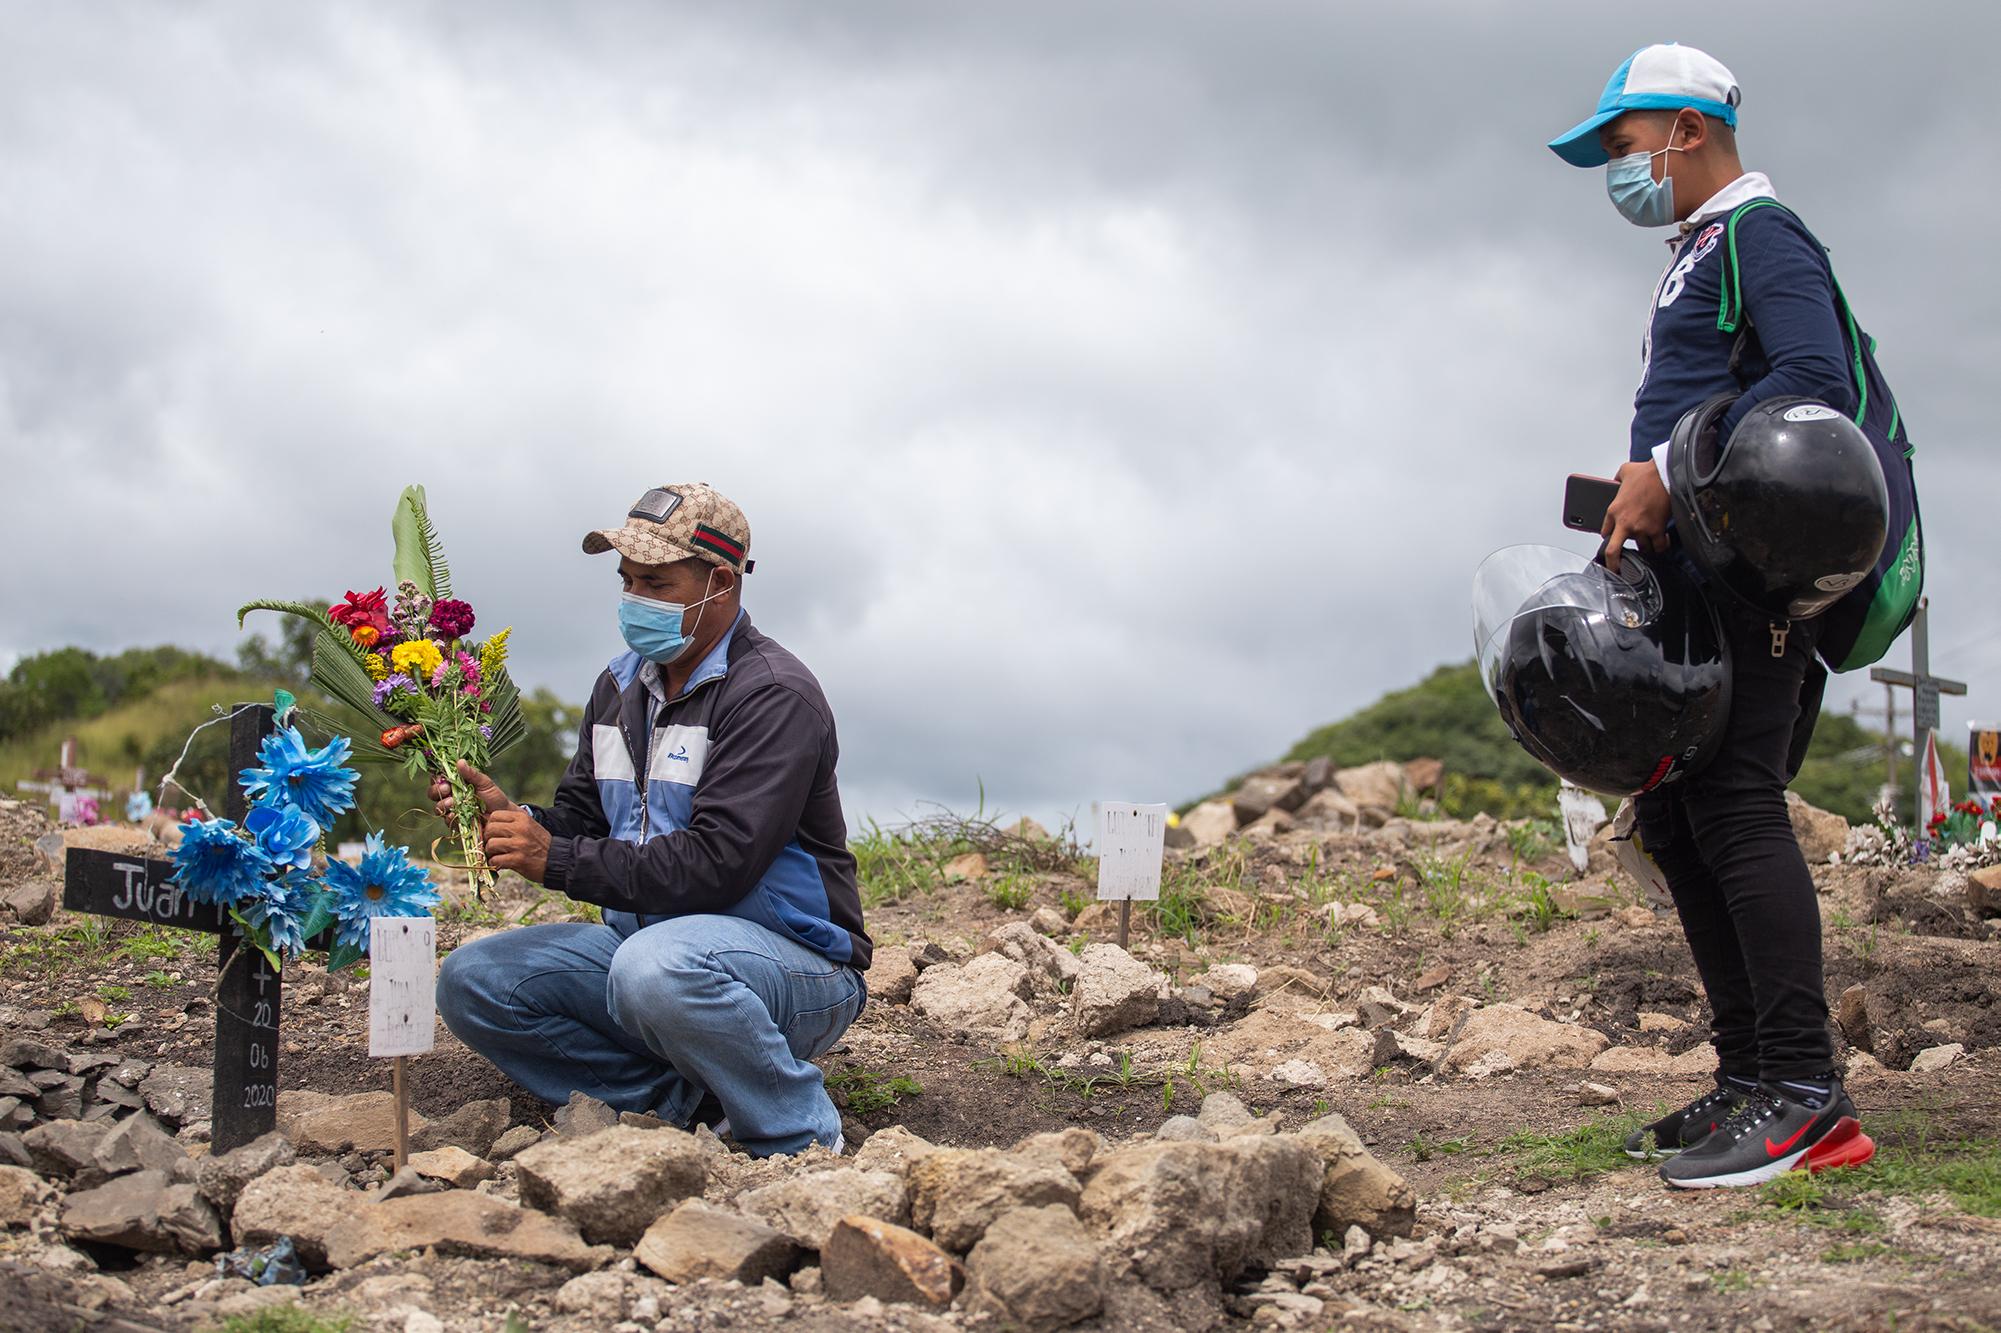 La tumba de Juan Ramón Ramírez, fallecido el 20 de junio, es limpiada y adornada con flores por su  hijo Jaime y su nieto. Comayagüela, 2 de noviembre de 2020. Foto: Martín Cálix.